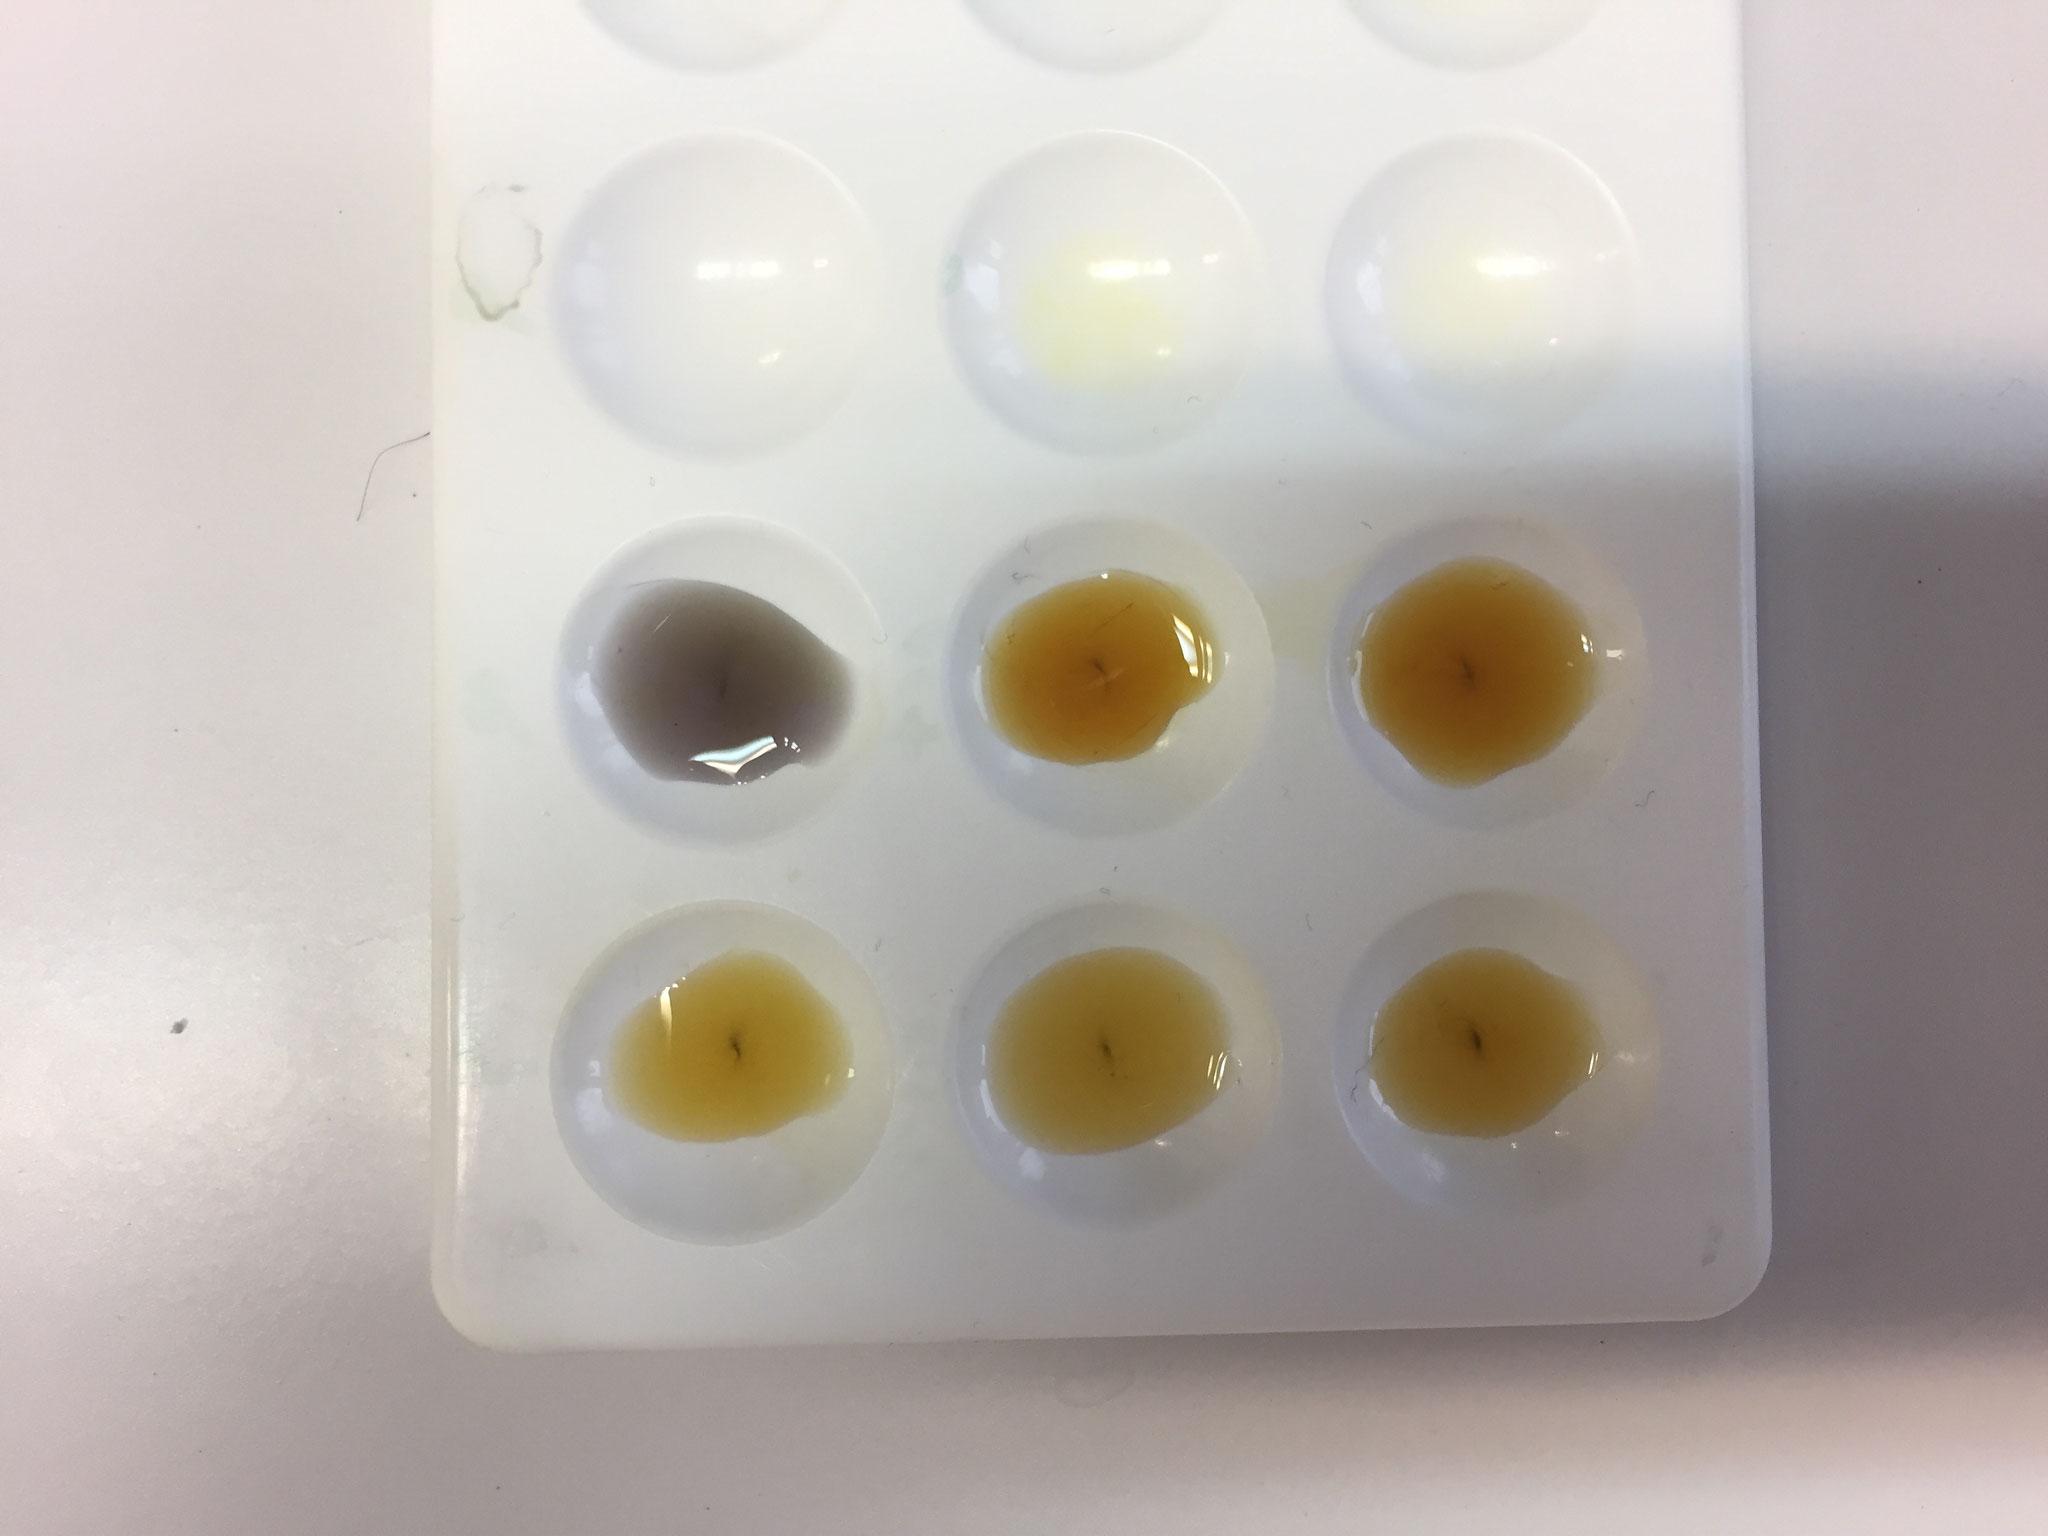 résultats expérimentaux mettant en évidence la nécessité d'une phosphorylation du glucose pour synthétiser l'amidon.